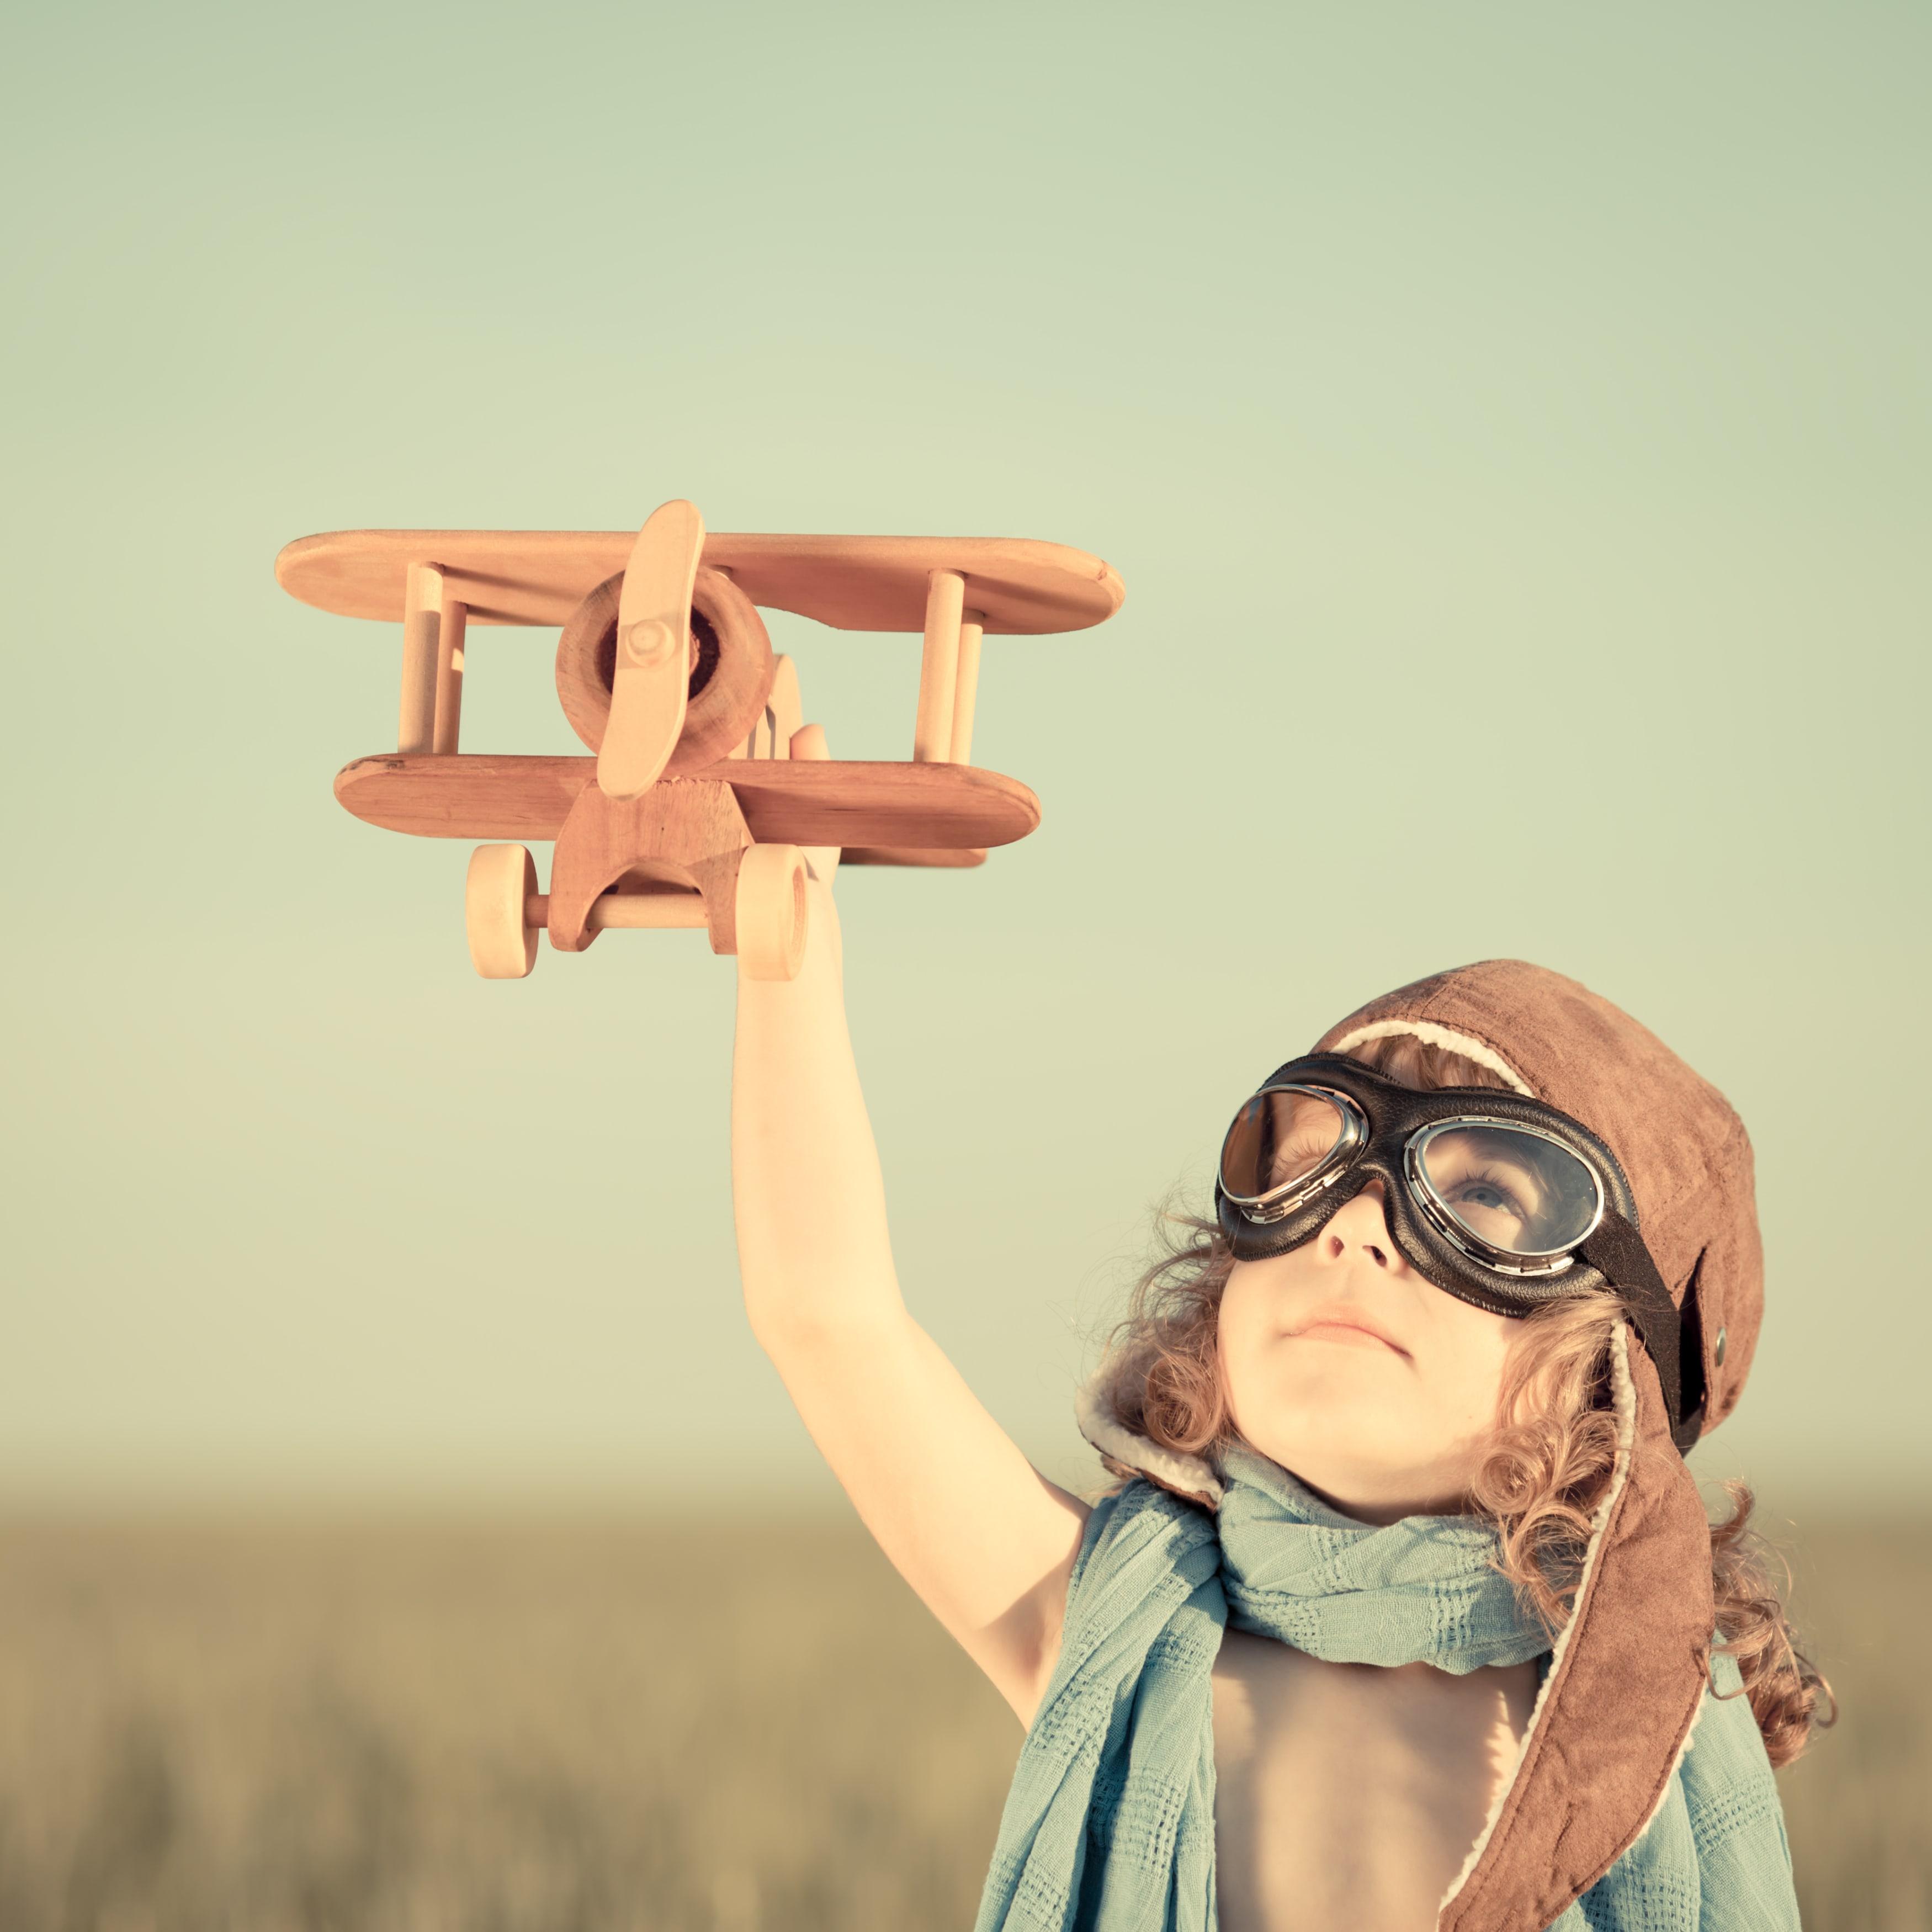 Junges Mädchen mit Pilotenmütze und Pilotenbrille hält ein Holzflugzeug mit gestrecktem Arm in die Luft